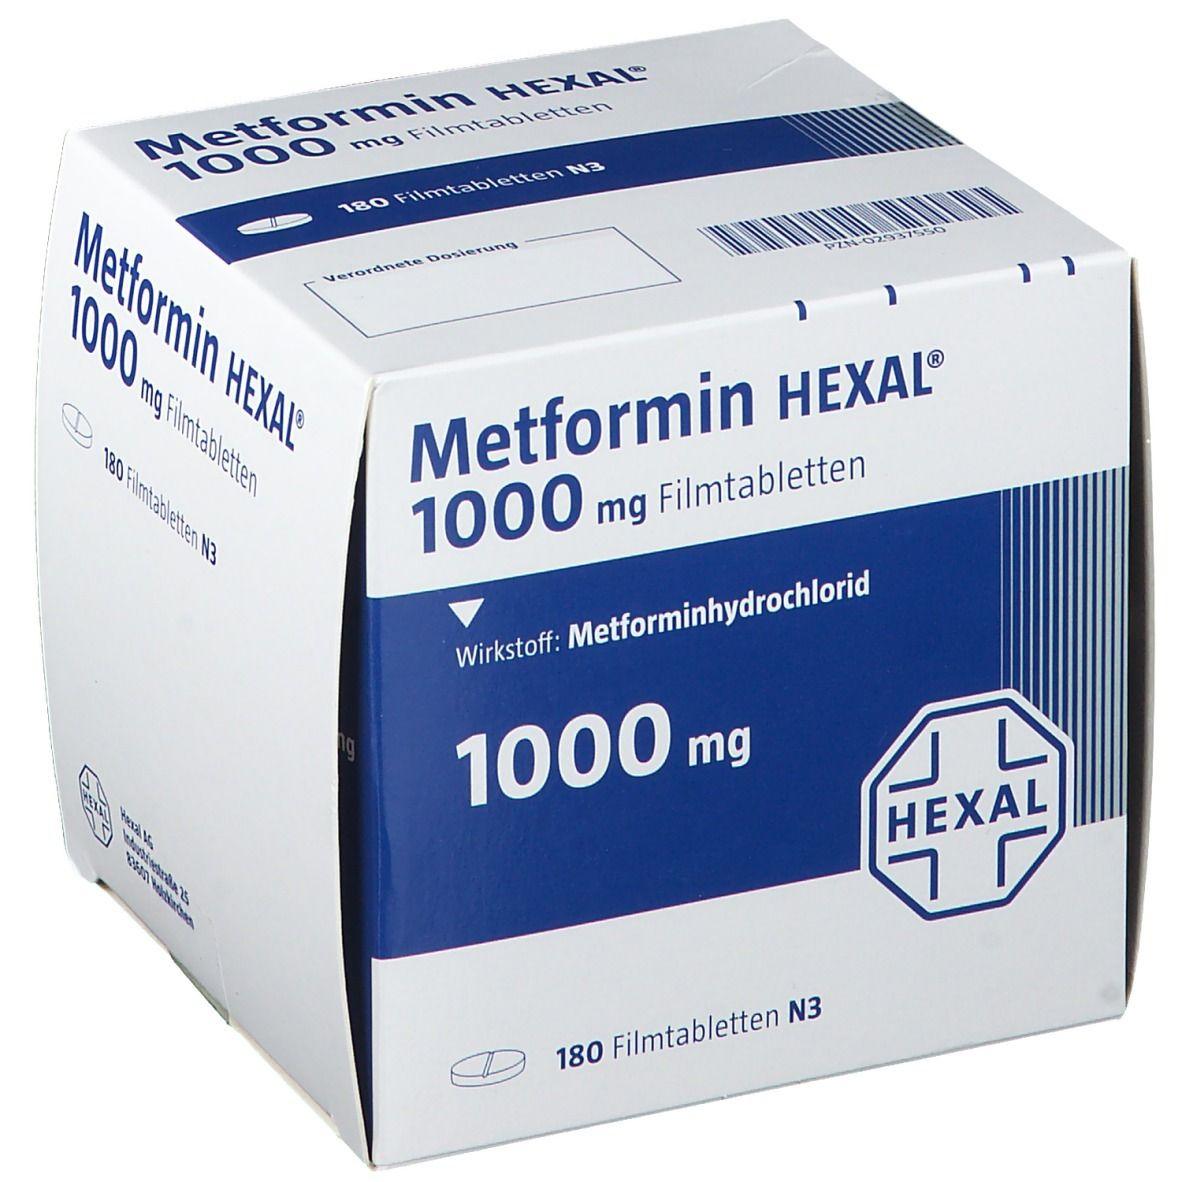 Metformin HEXAL® 1000 mg 180 St - shop-apotheke.com